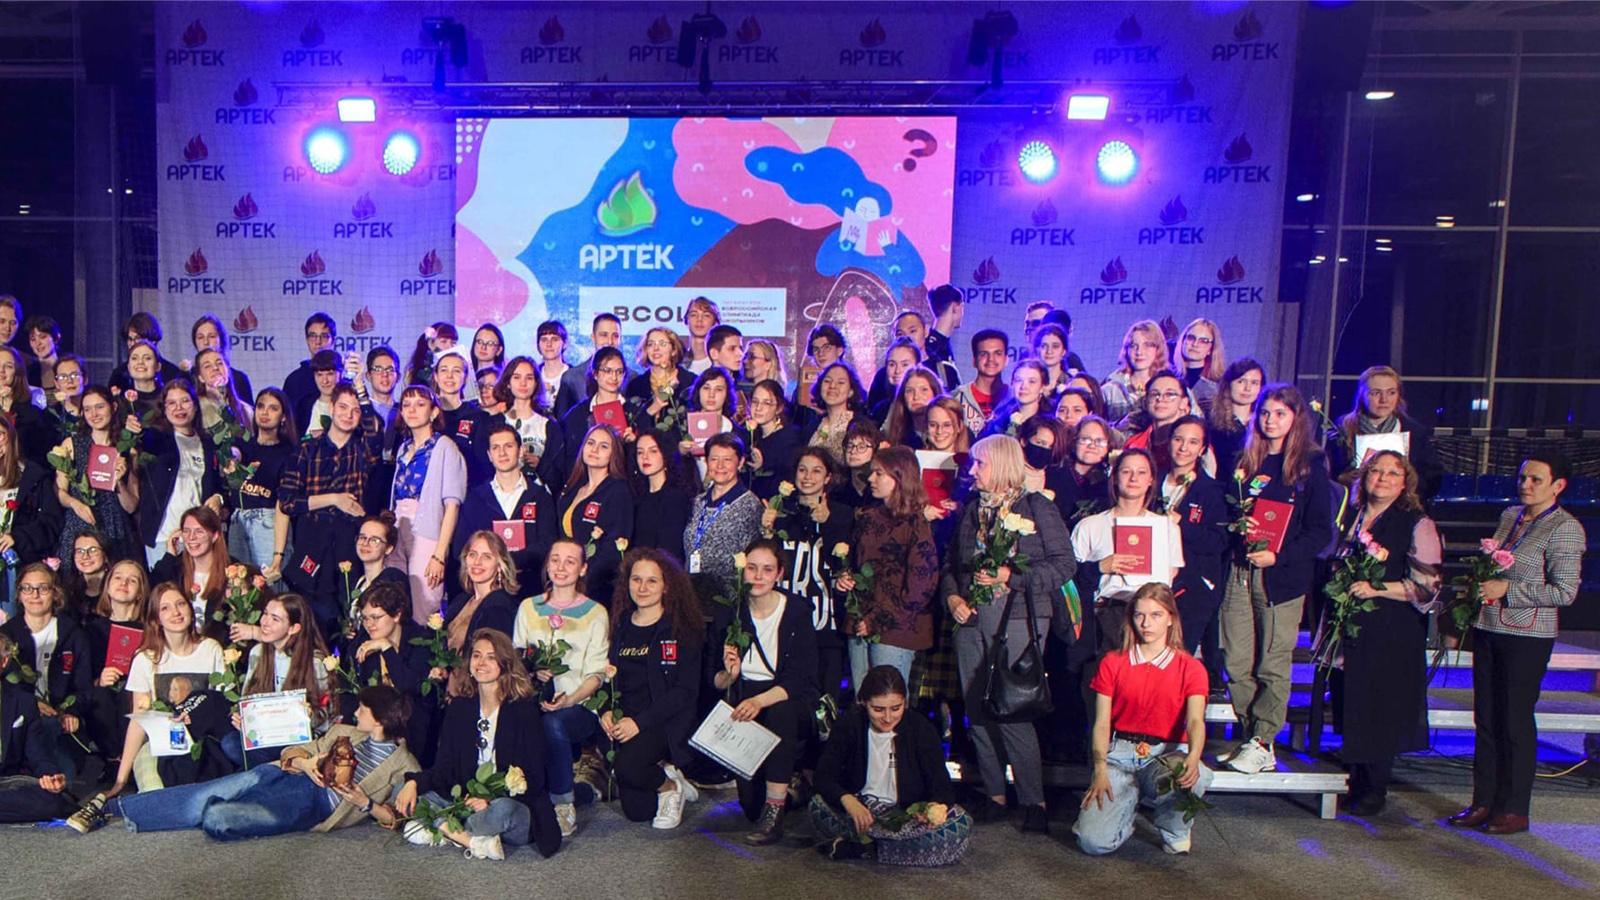 266 московских школьников завоевали дипломы победителей в финале всероссийской олимпиады